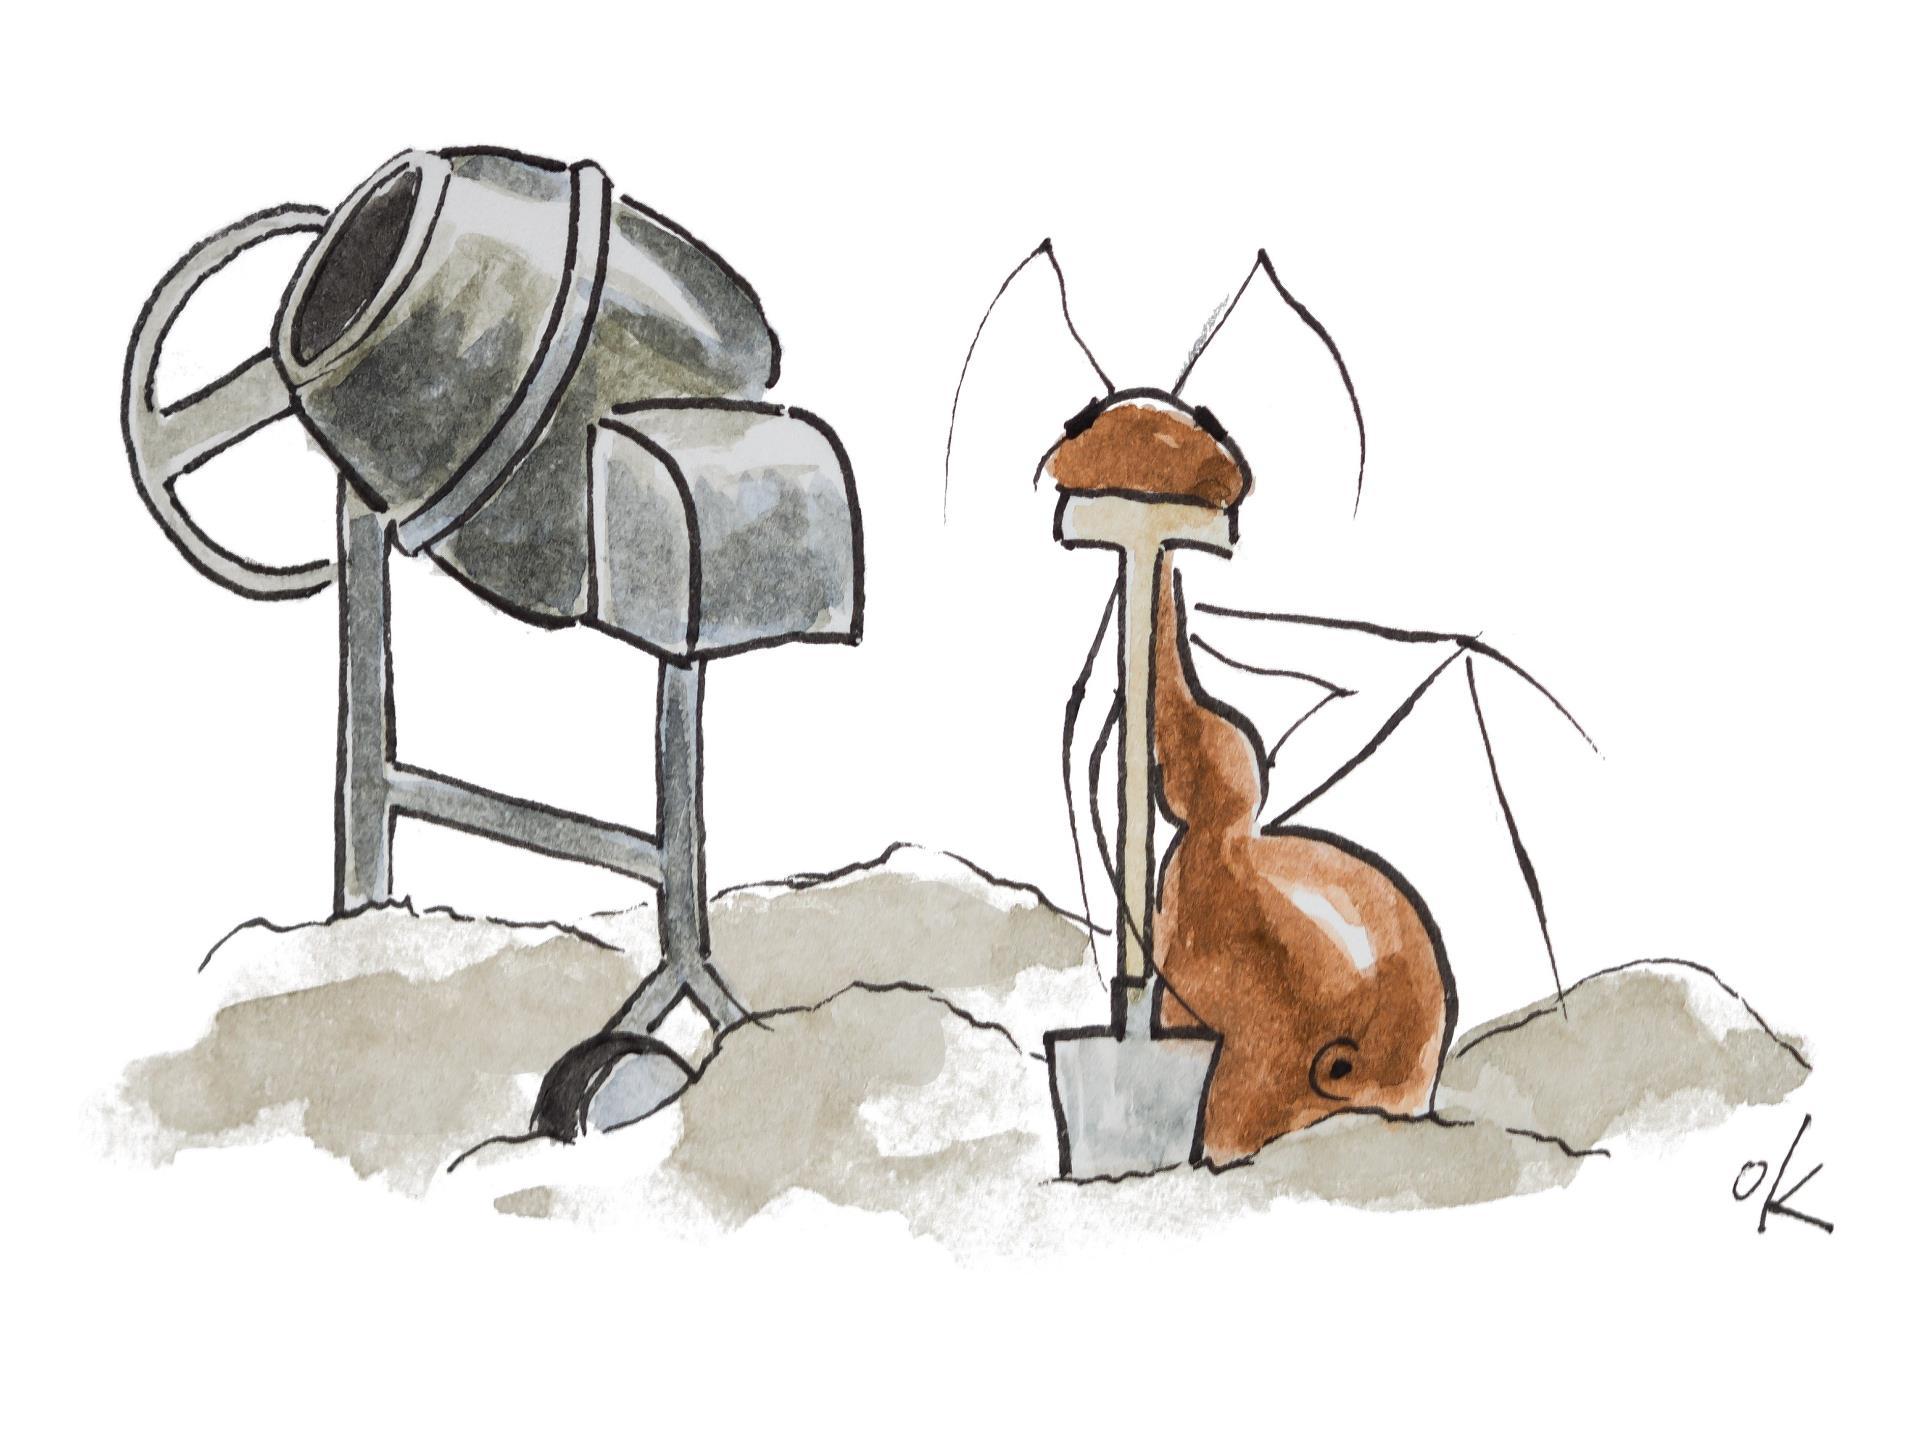 Mit einem Augenzwinkern: Die Ameisen des Kaufbeurer Künstlers Oliver Kromm werden im Rahmen des Baustellenmarketings immer wieder zu sehen sein.